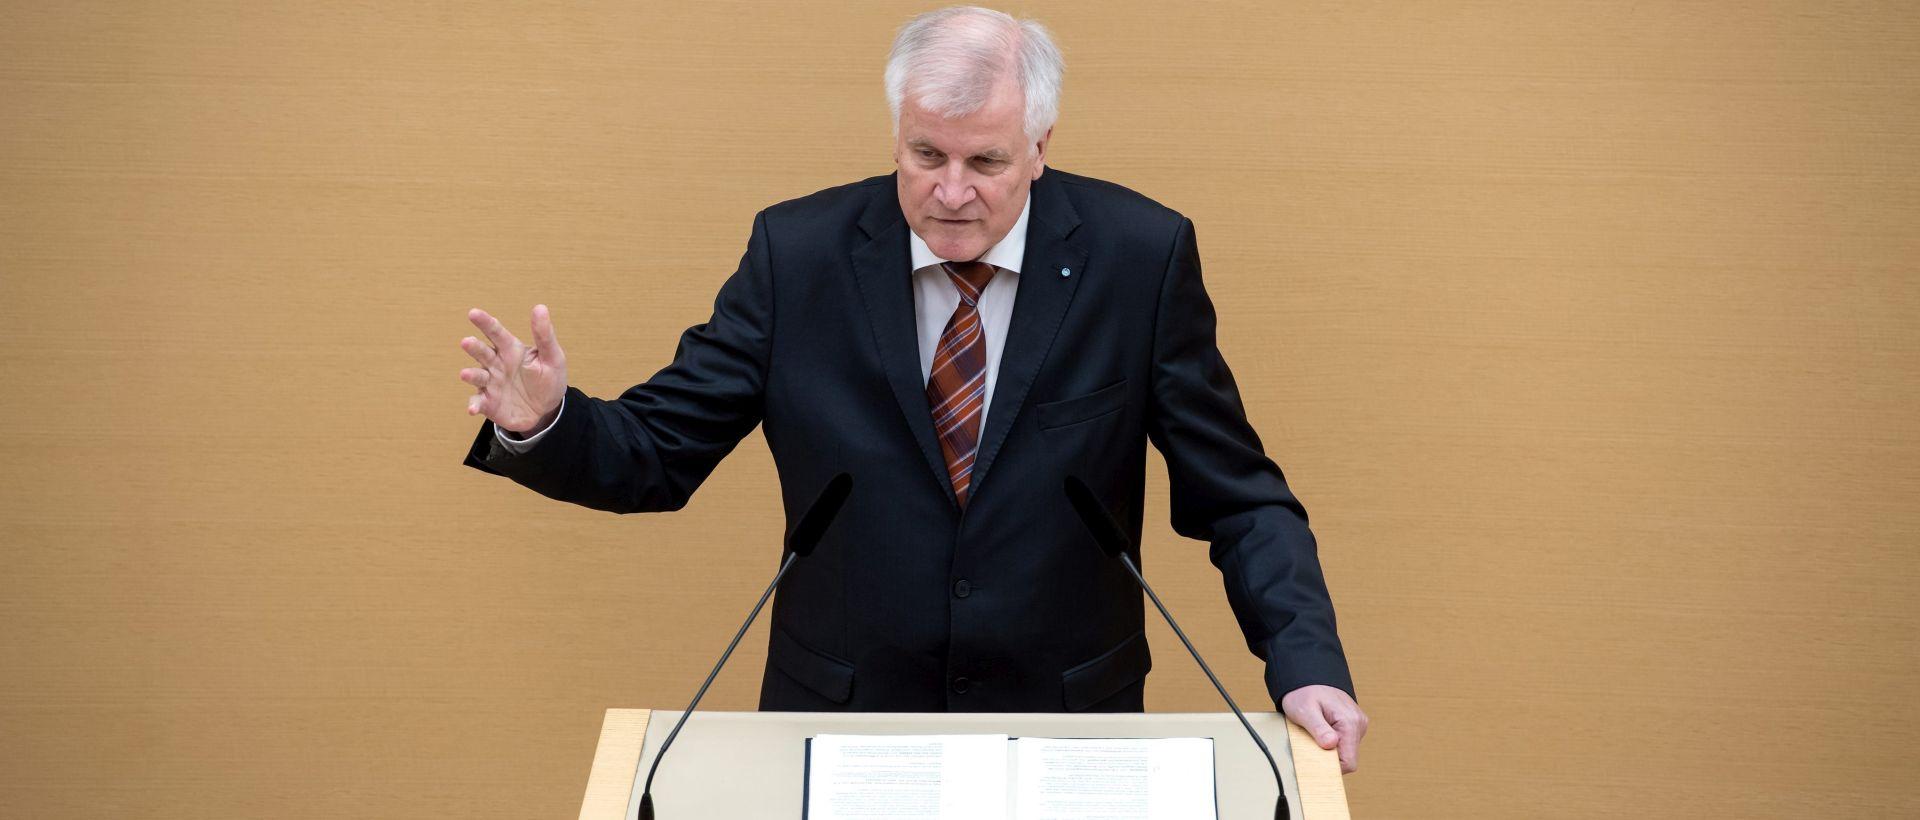 Čelnik njemačkog CSU-a za suspenziju pristupnih pregovora Turske u EU